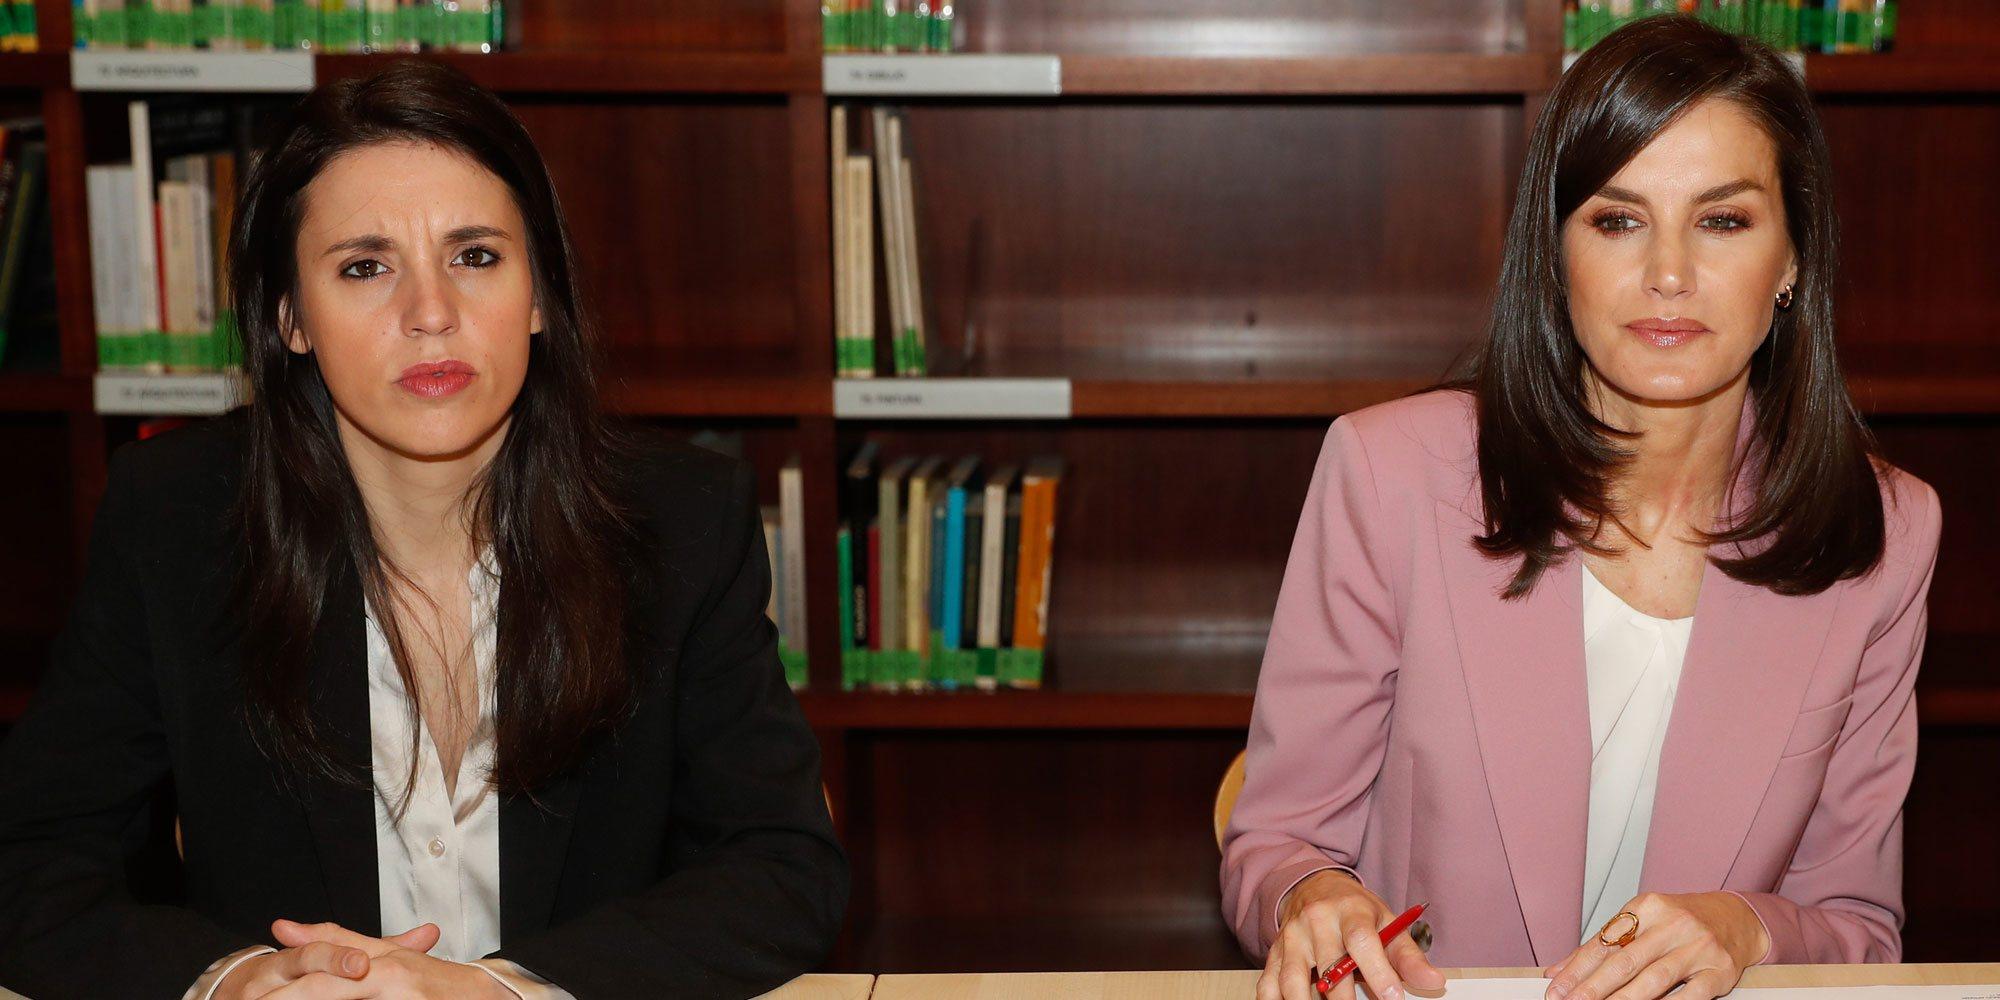 Los pasos de Irene Montero antes de su positivo por coronavirus: encuentro con la Reina Letizia, 8M y Consejo de Ministros